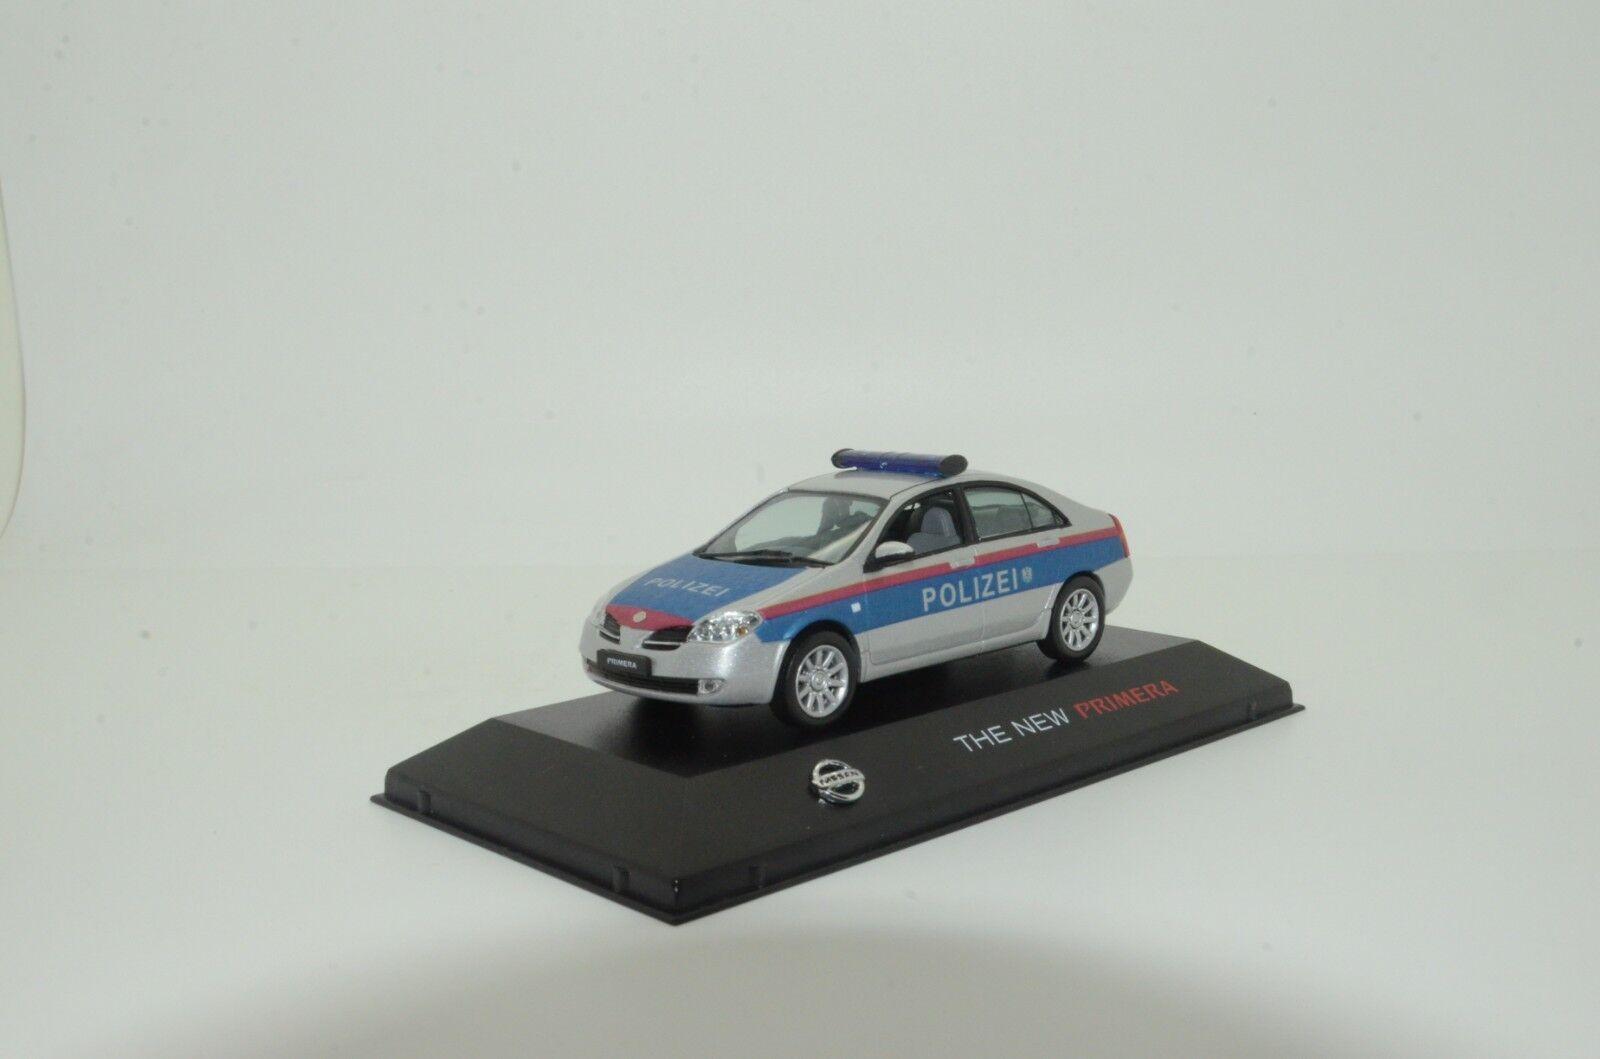 Rara Nissan Primera Austria policía Polizei el nuevo hecho a medida 1 43